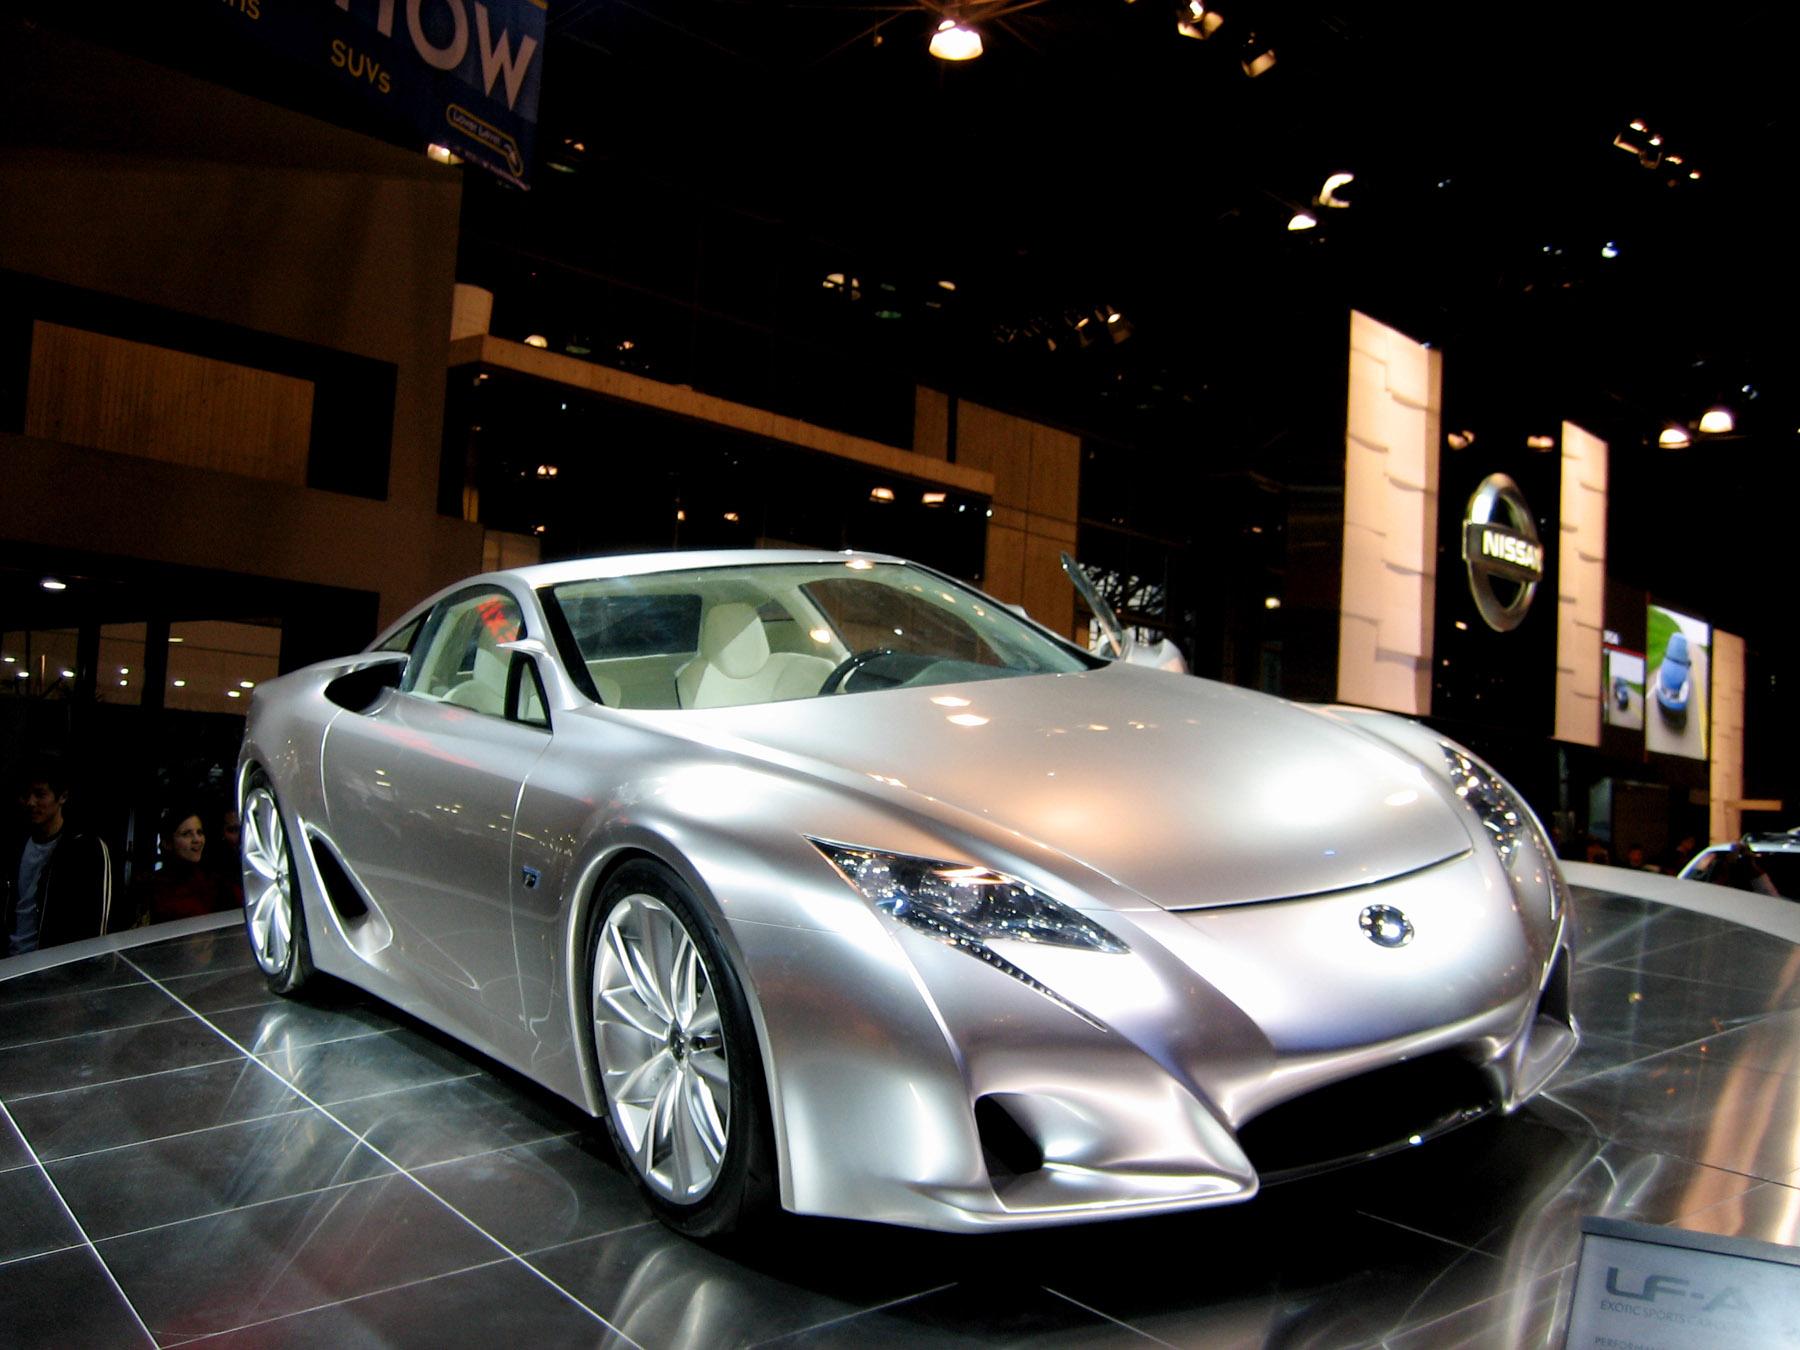 http://www.skyroadster.com/forums/attachments/f2/30301d1231819047-370-convertable-lexus-lfa-roadster-concept-auto07_lexuslfafront.jpg